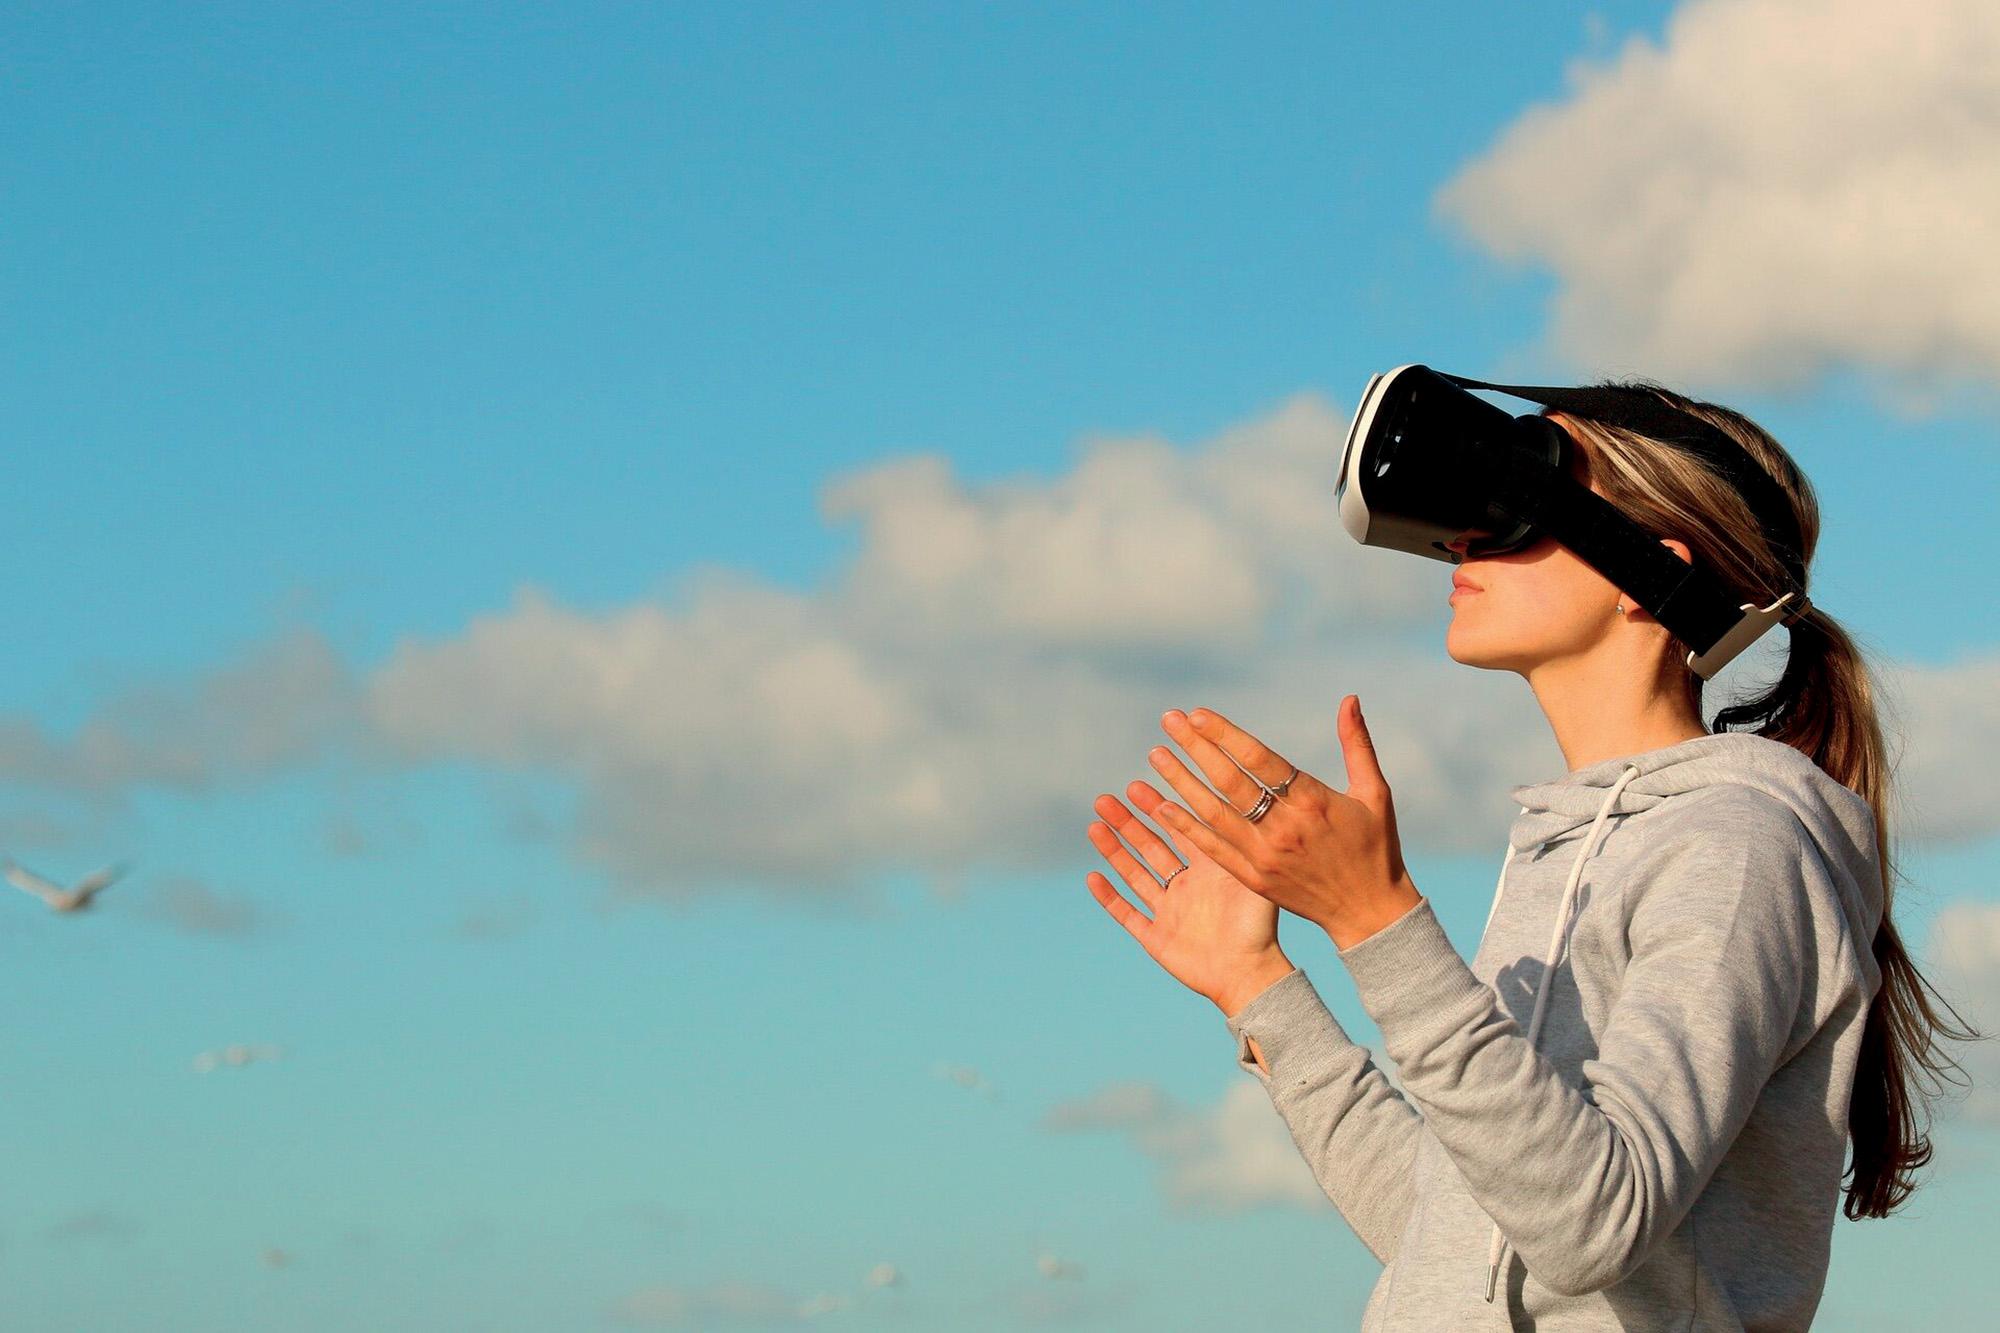 du lịch tại chỗ thực tế ảo